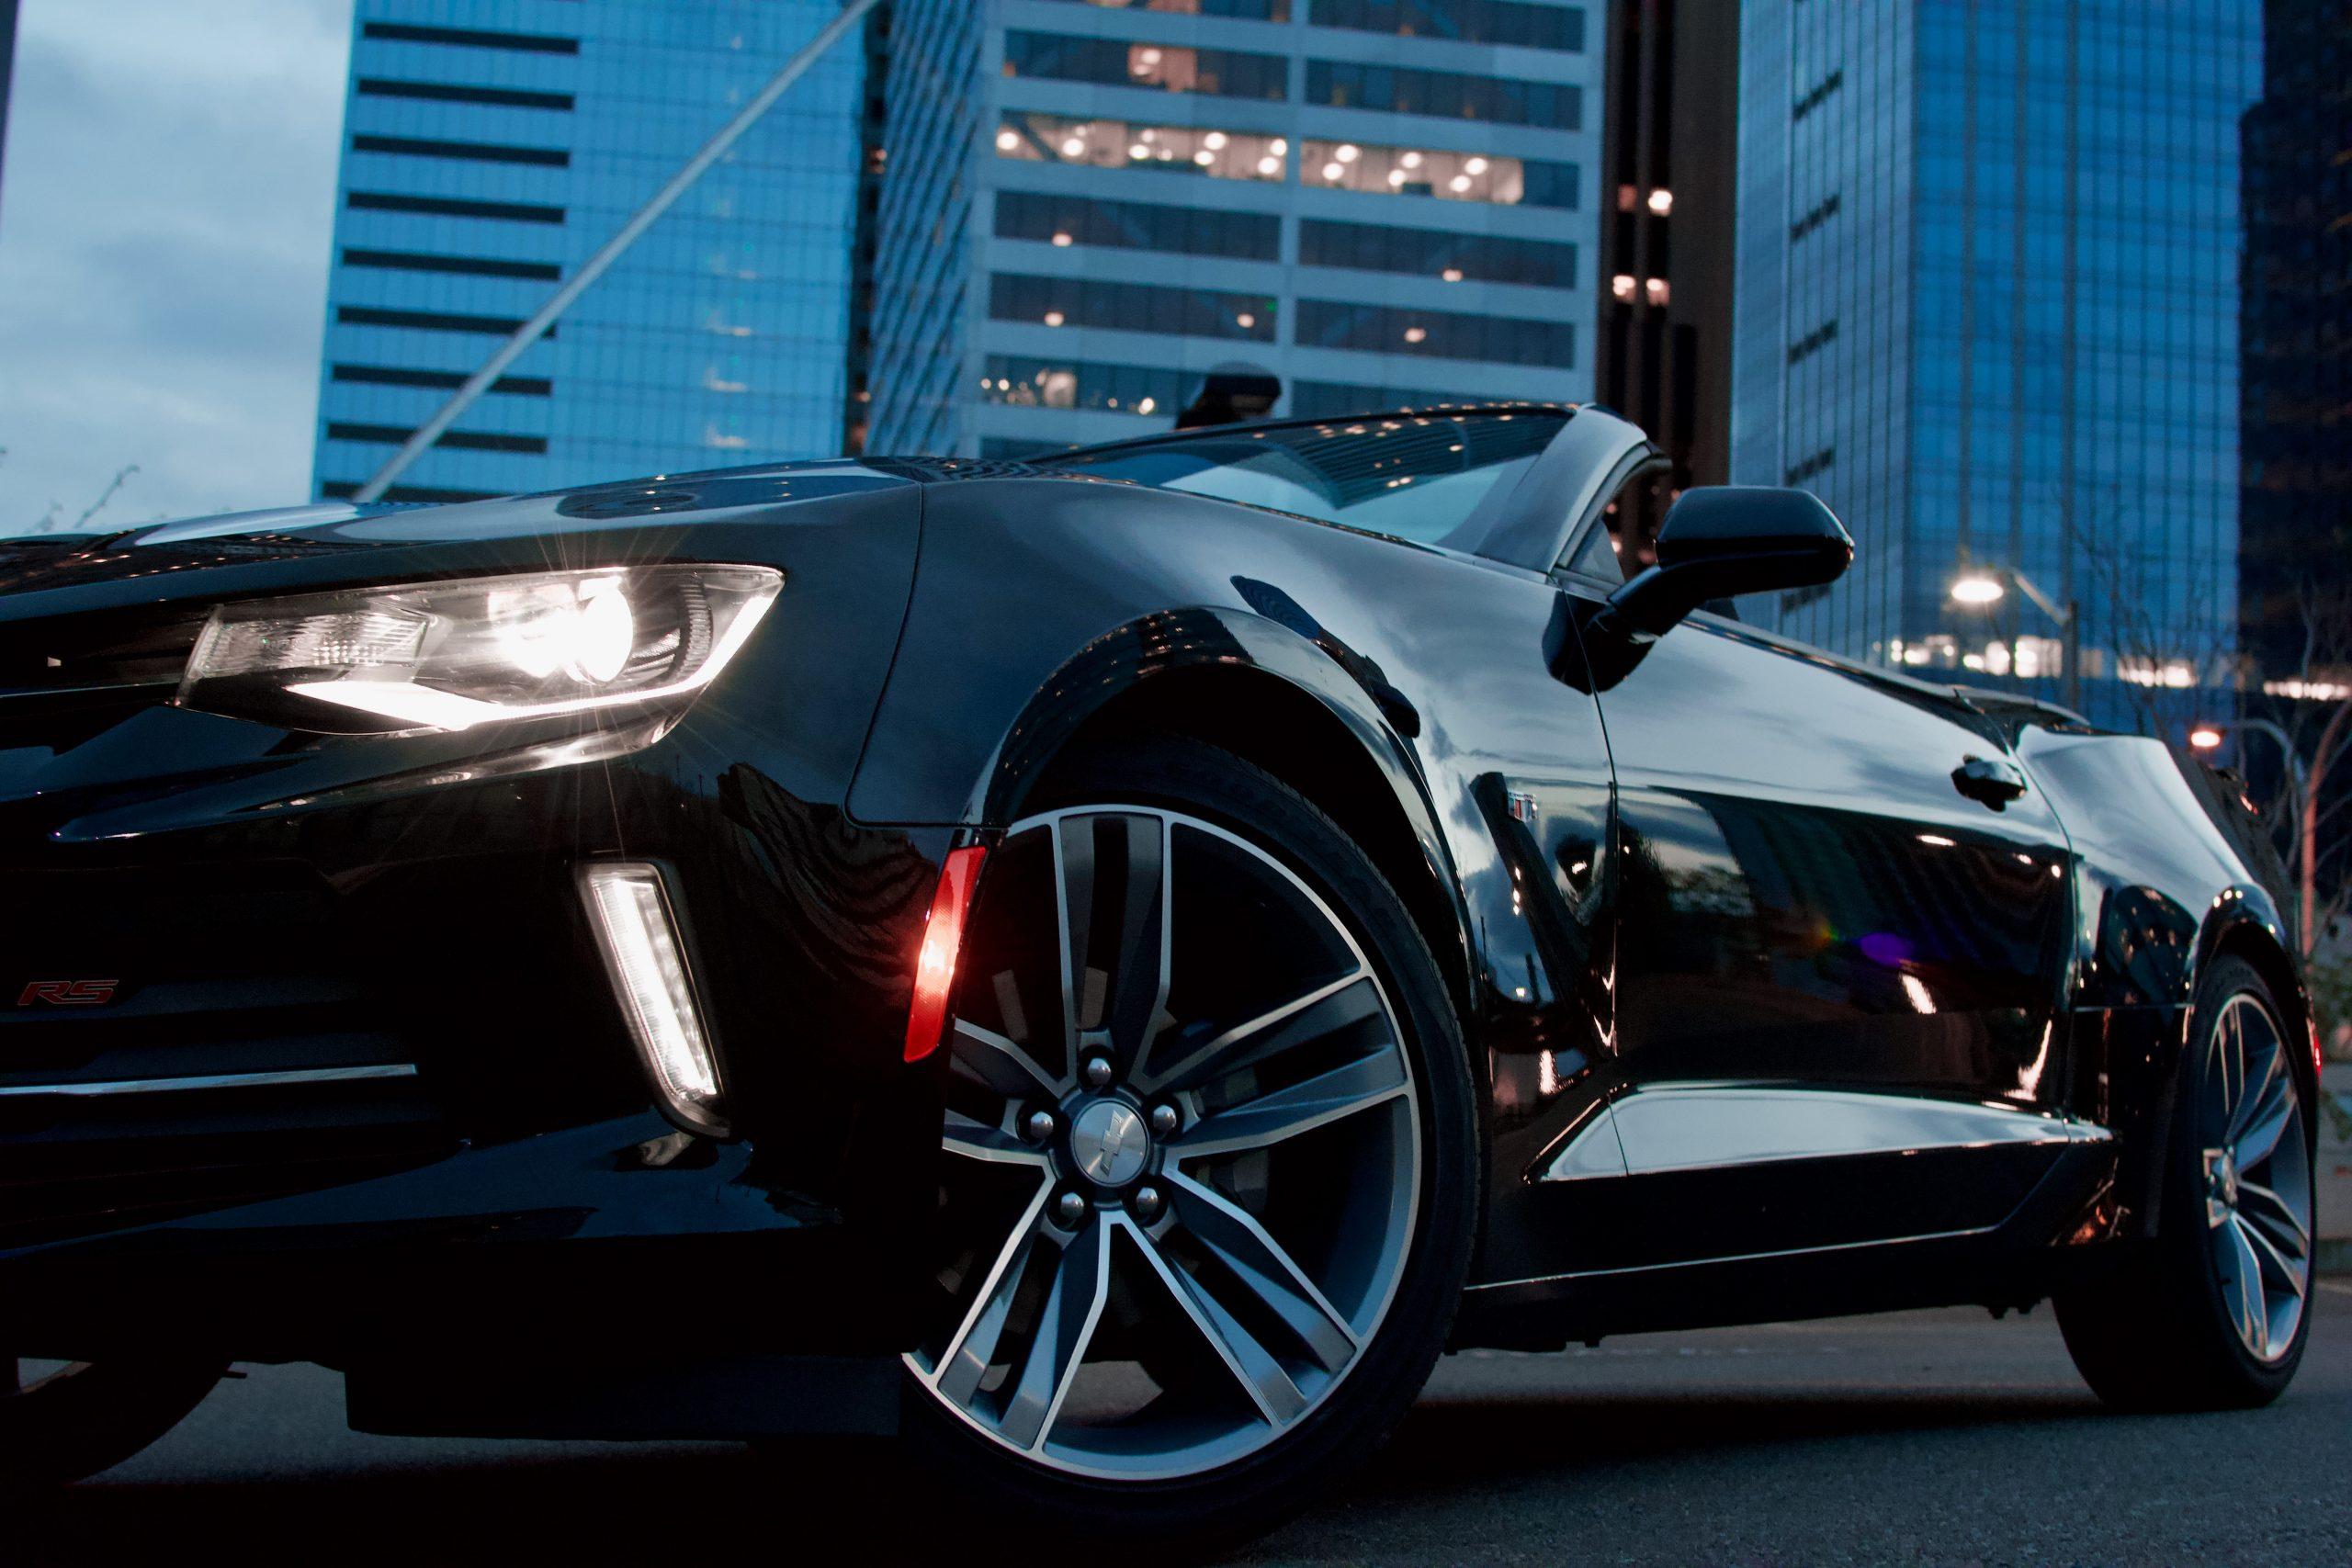 Auto negro recién pulido